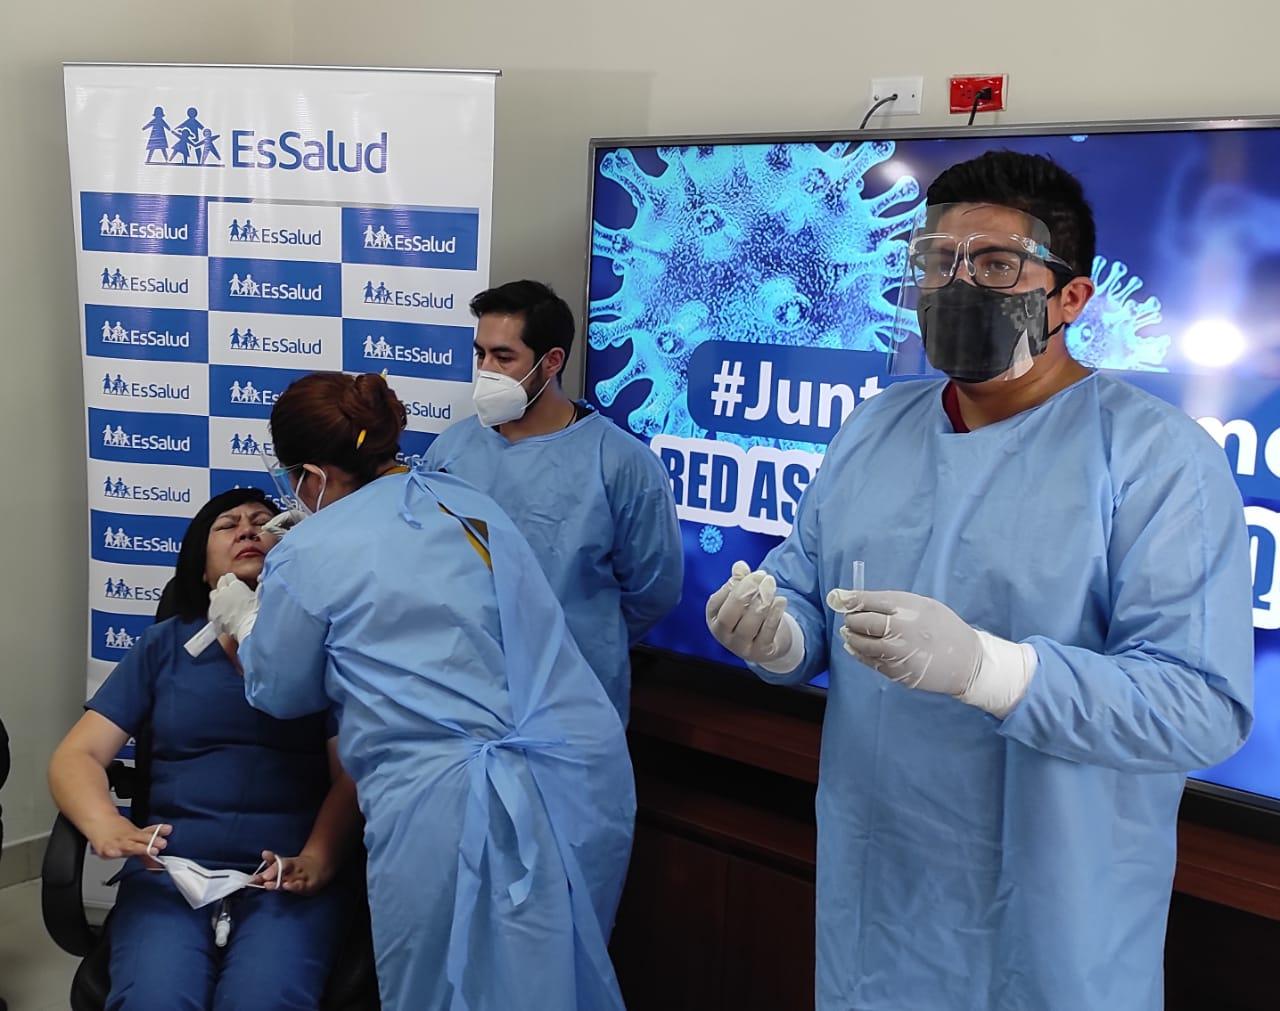 Essalud - EsSalud Arequipa adquiere 32 mil pruebas antigénicas para descarte de Covid-19